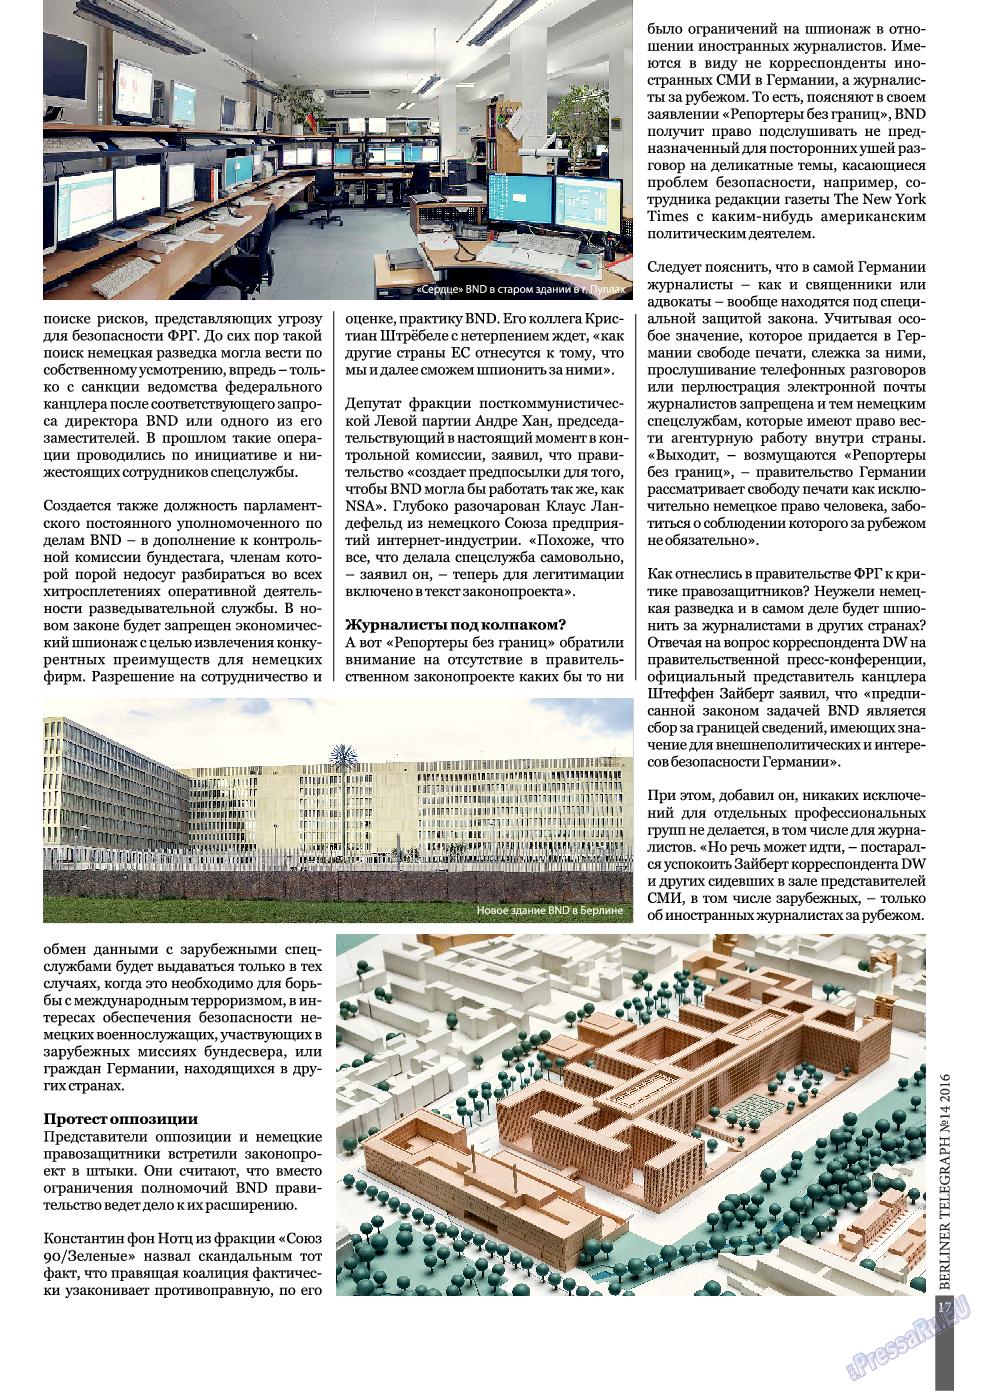 Берлинский телеграф (журнал). 2016 год, номер 14, стр. 17